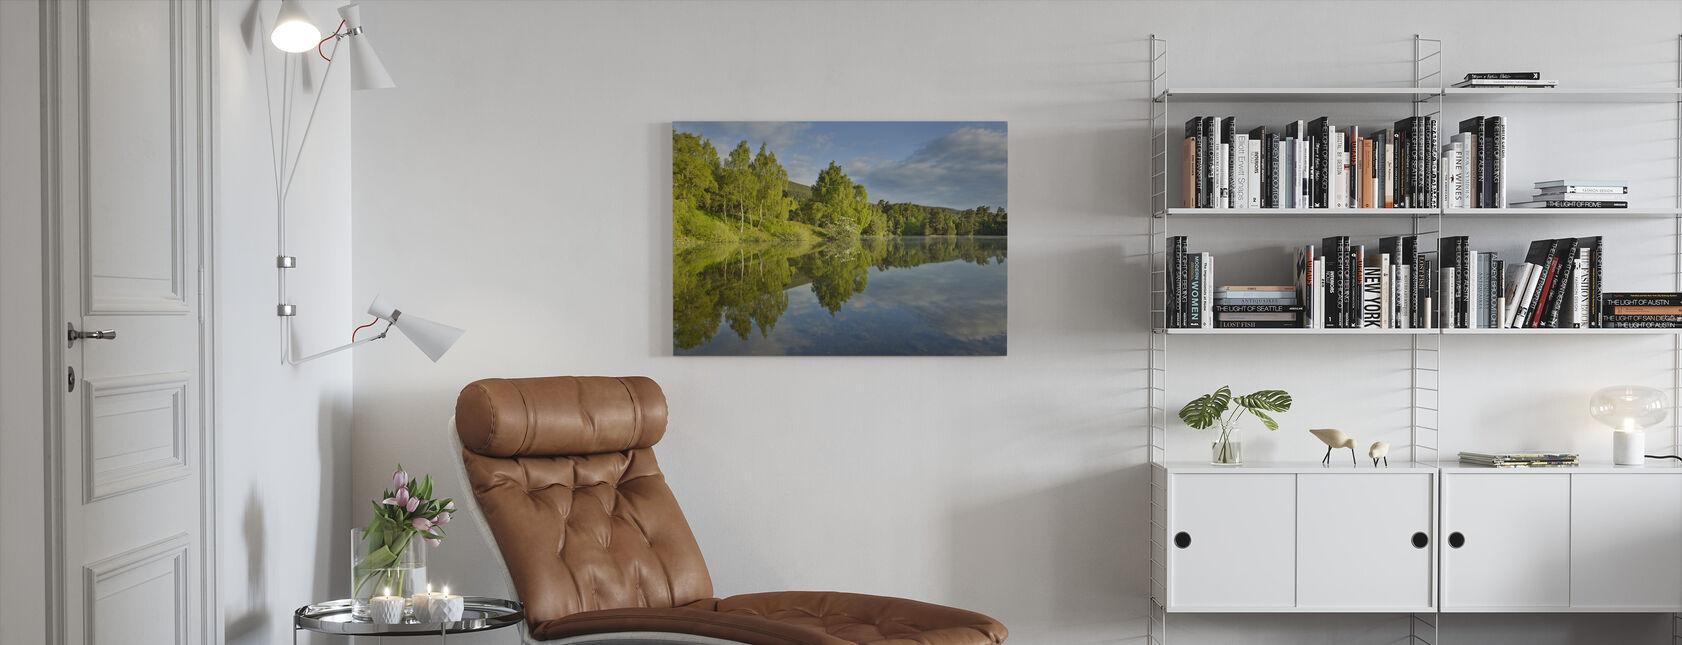 Loch Vaa in Spring - Canvas print - Living Room